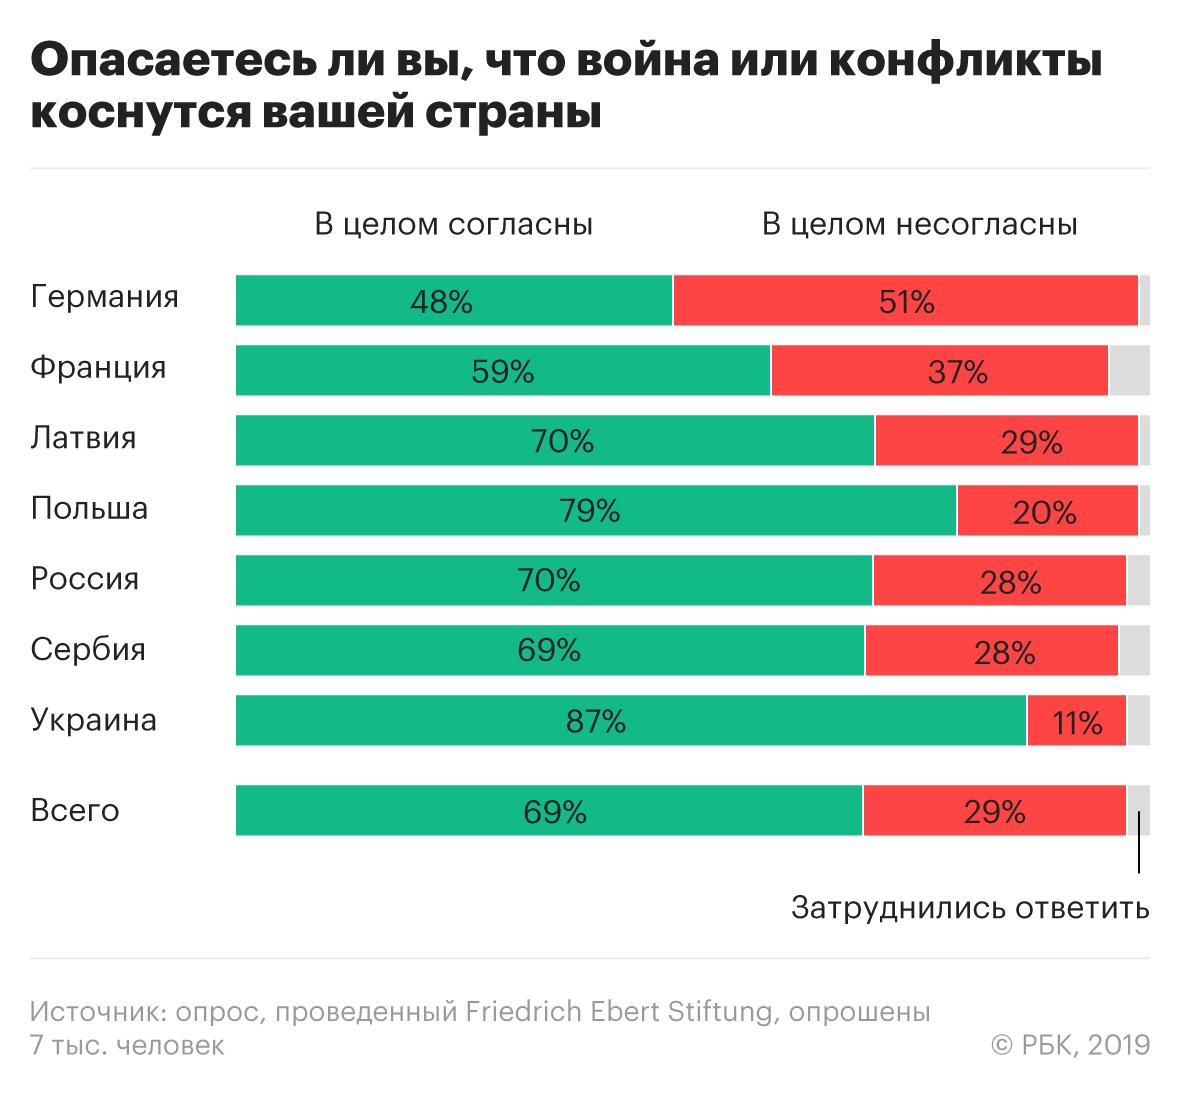 последняя война россии